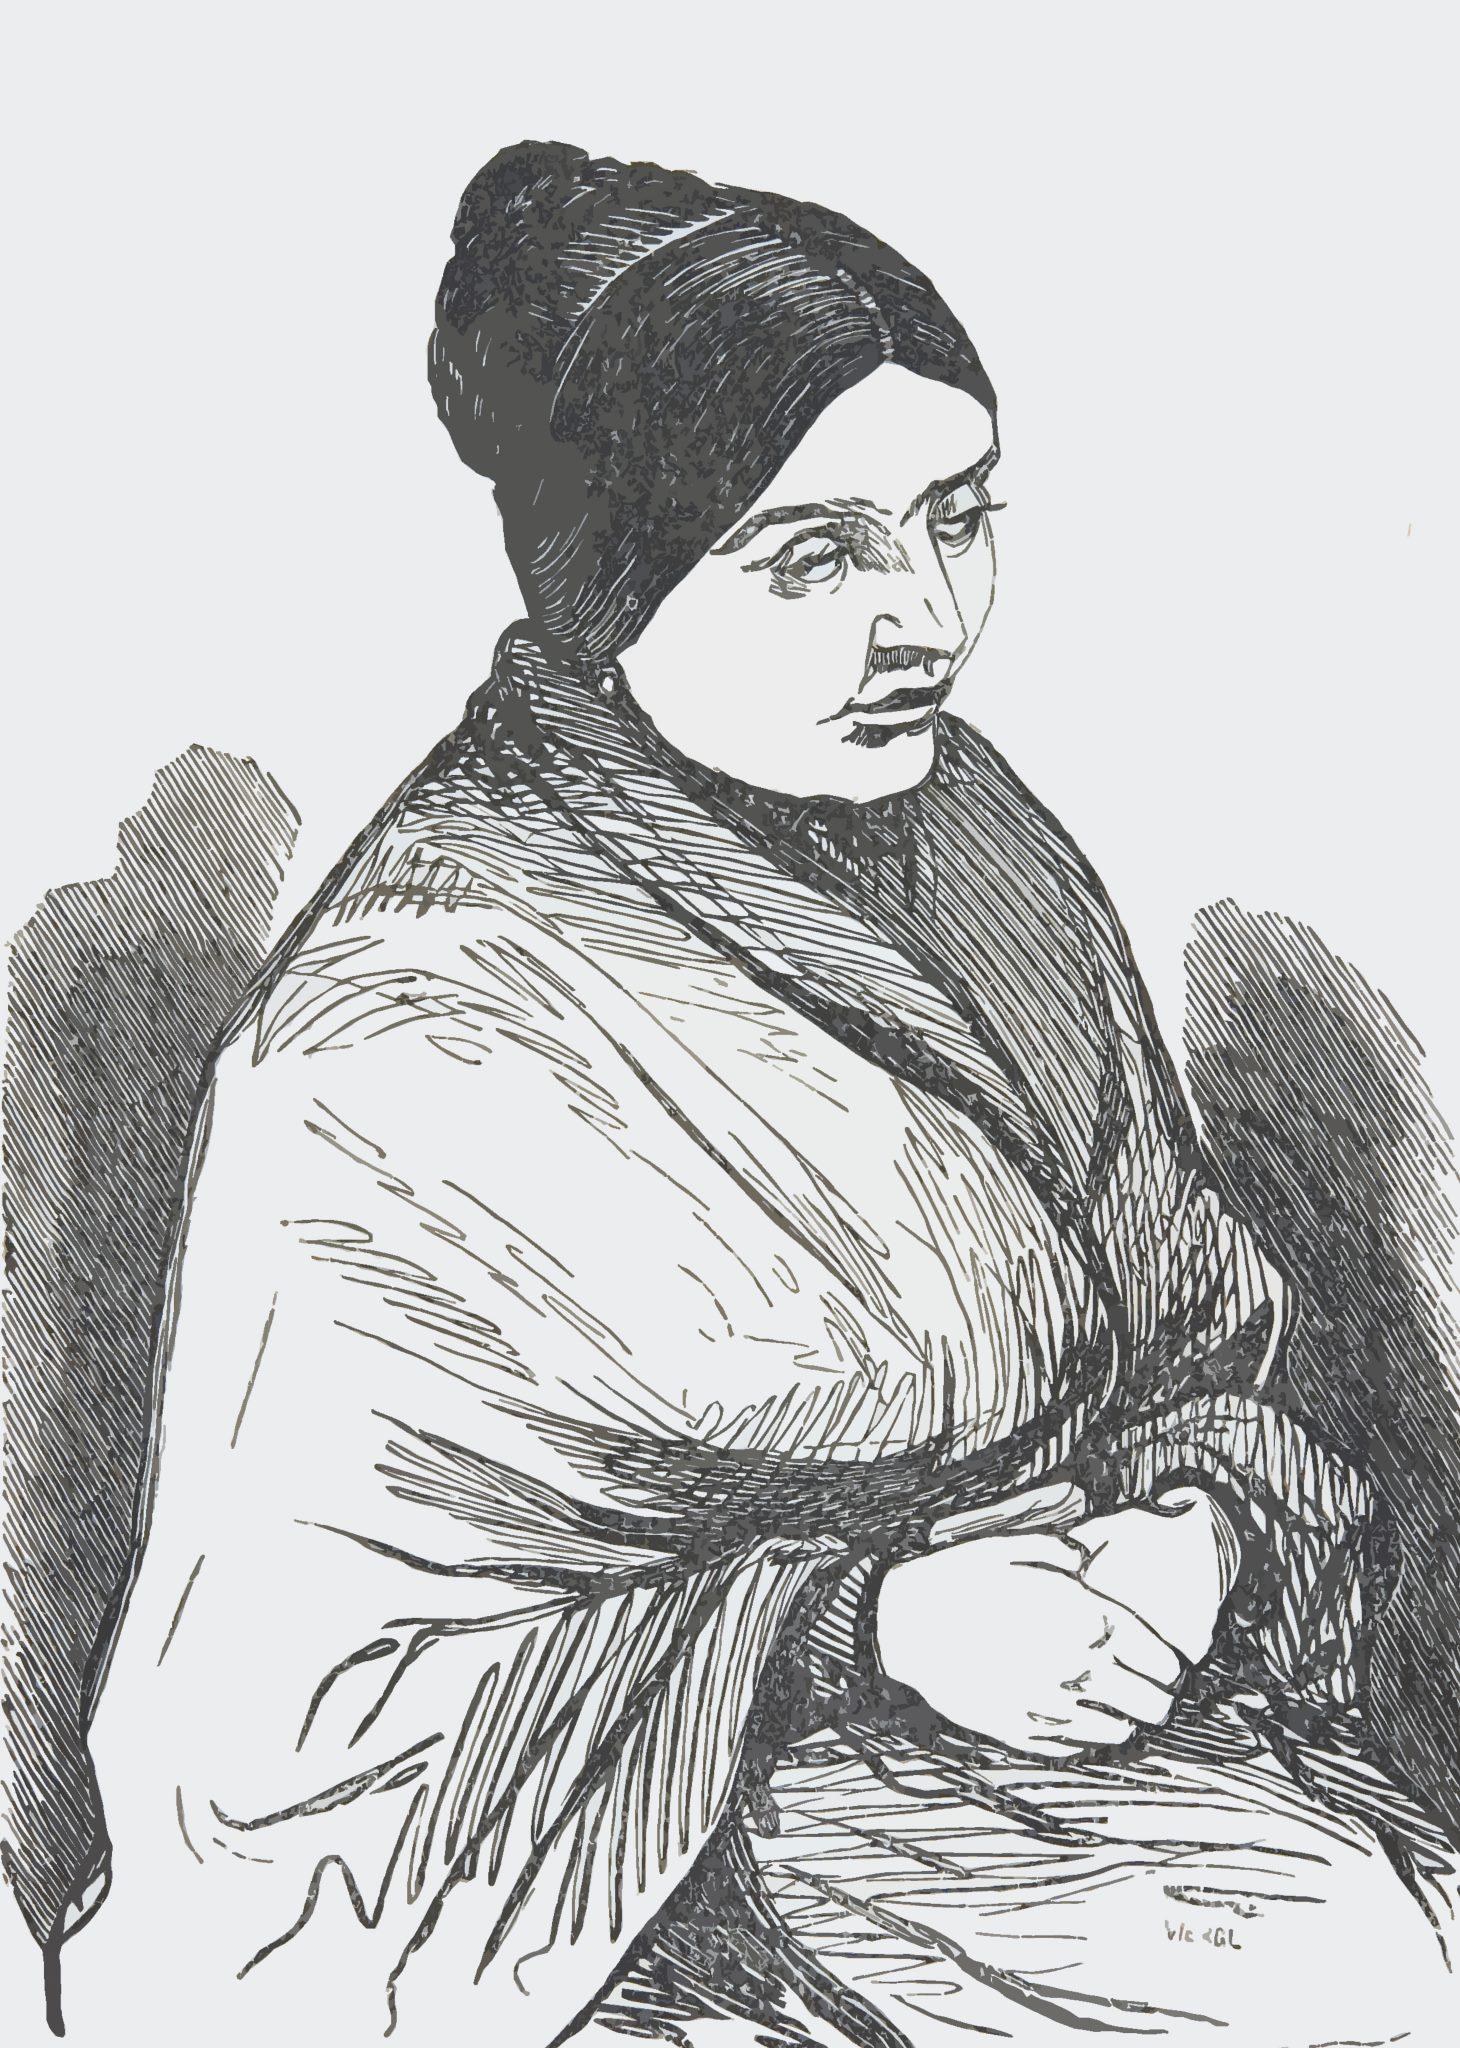 """Hoy navegamos por la Enciclopedia de Mujeres Oliva Sabuco y conocemos a María Francisca Díaz-Carralero Rodelgo, conocida como """"La ciega de Manzanares"""""""